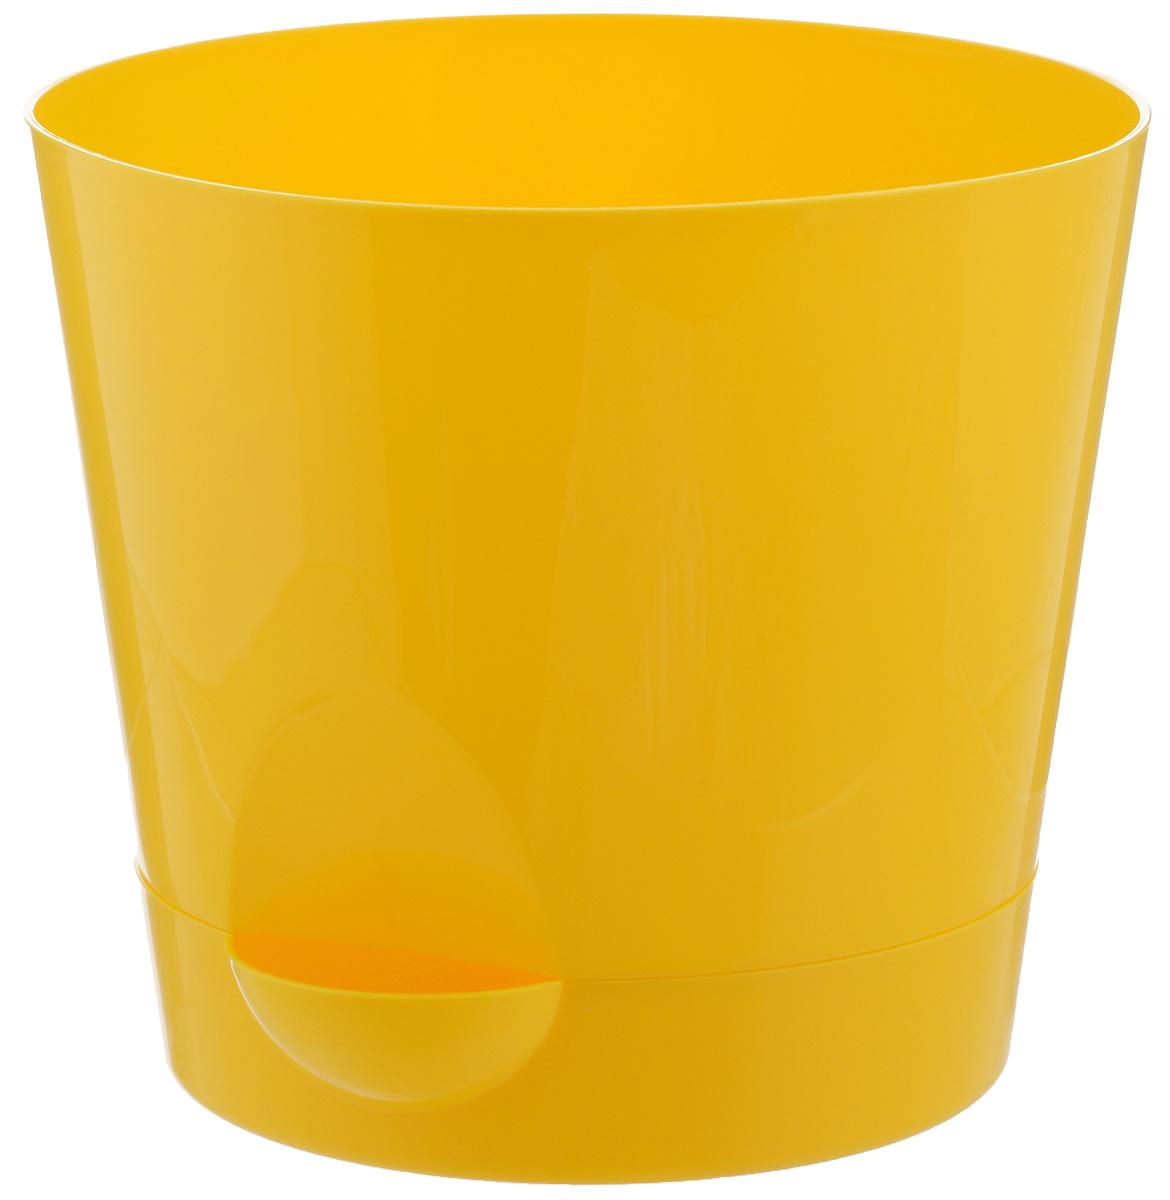 Кашпо Idea Ника, с прикорневым поливом, с поддоном, цвет: желтый, 2,7 лМ 3073Любой, даже самый современный и продуманный интерьер будет незавершенным без растений. Они не только очищают воздух и насыщают его кислородом, но и украшают окружающее пространство. Такому полезному члену семьи просто необходим красивый и функциональный дом! Оптимальный выбор материала — пластмасса! Почему мы так считаем? Малый вес. С легкостью переносите горшки и кашпо с места на место, ставьте их на столики или полки, не беспокоясь о нагрузке. Простота ухода. Кашпо не нуждается в специальных условиях хранения. Его легко чистить — достаточно просто сполоснуть теплой водой. Никаких потертостей. Такие кашпо не царапают и не загрязняют поверхности, на которых стоят. Пластик дольше хранит влагу, а значит, растение реже нуждается в поливе. Пластмасса не пропускает воздух — корневой системе растения не грозят резкие перепады температур. Огромный выбор форм, декора и расцветок — вы без труда найдете что-то, что идеально впишется в уже существующий интерьер. Соблюдая нехитрые правила ухода, вы можете заметно продлить срок службы горшков и кашпо из пластика: всегда учитывайте размер кроны и корневой системы (при разрастании большое растение способно повредить маленький горшок) берегите изделие от воздействия прямых солнечных лучей, чтобы горшки не выцветали держите кашпо из пластика подальше от нагревающихся поверхностей. Создавайте прекрасные цветочные композиции, выращивайте рассаду или необычные растения.